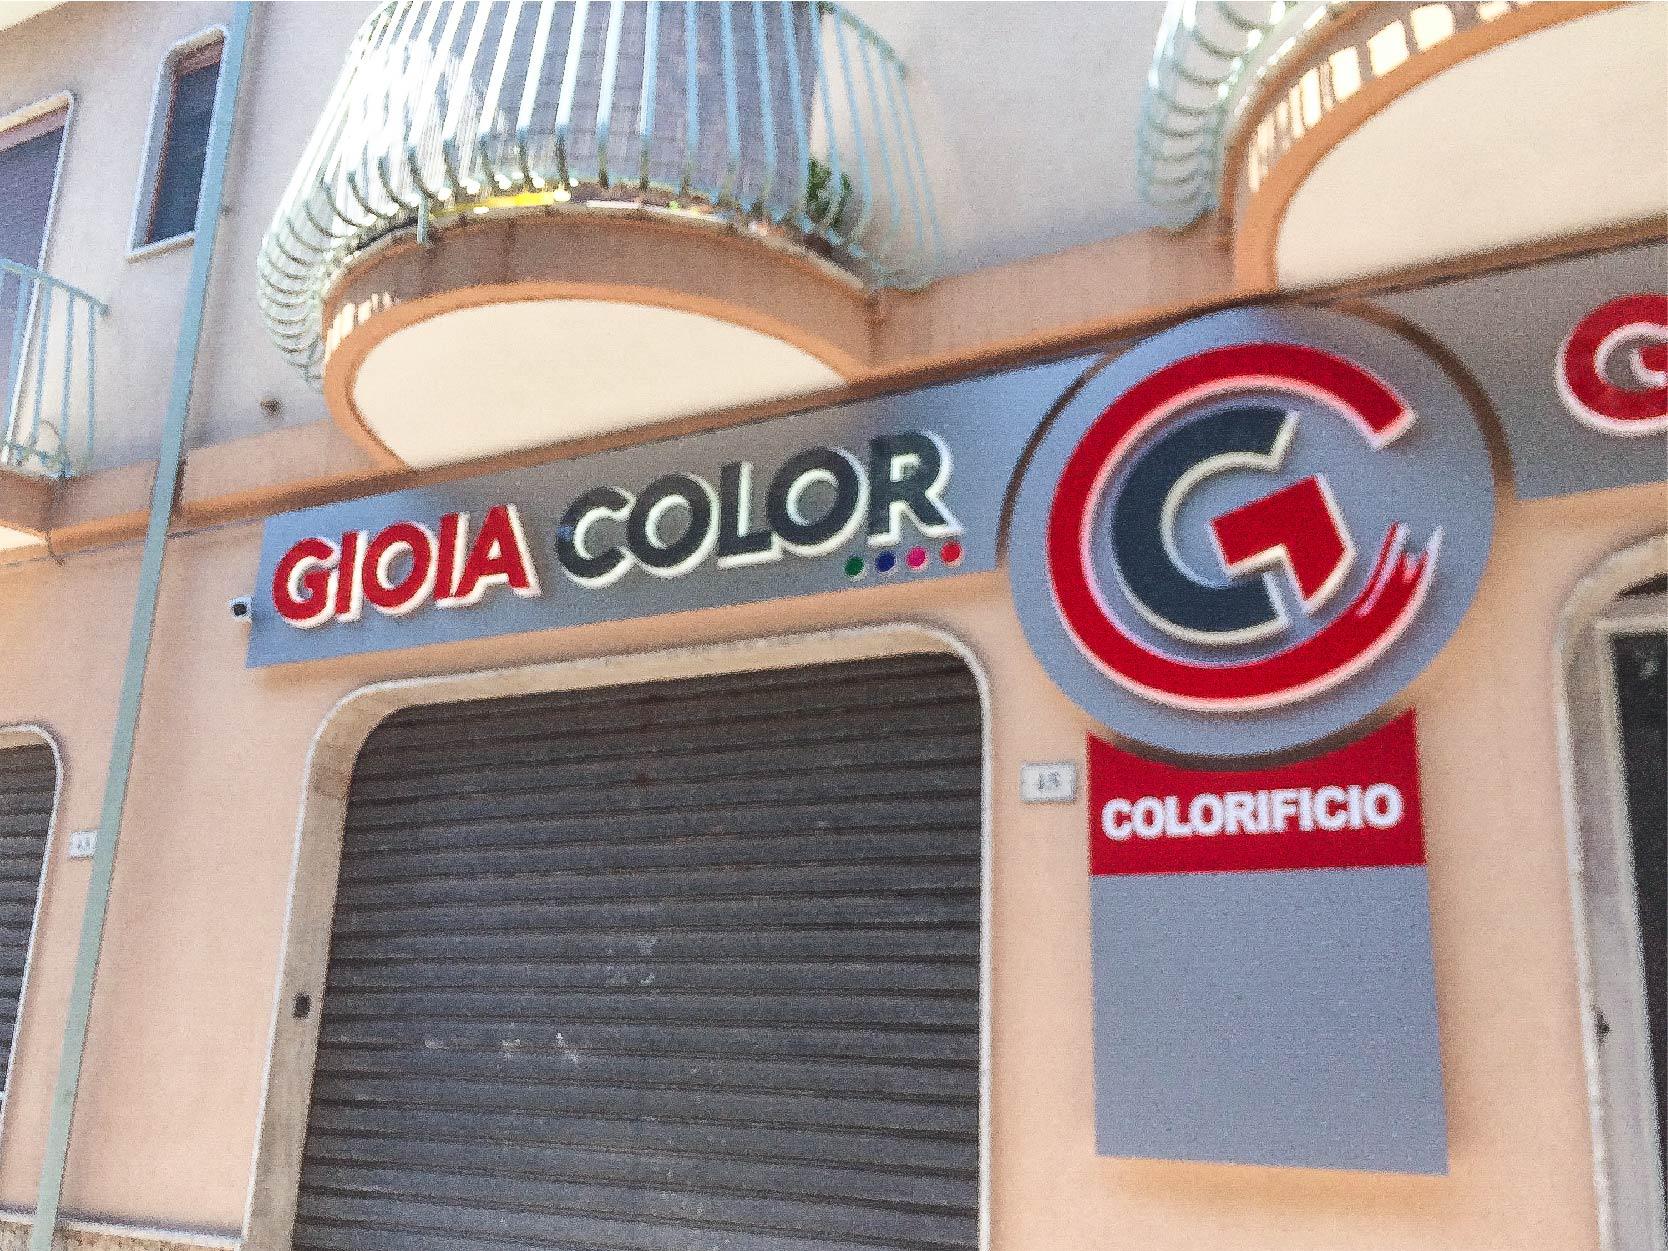 Emmegrafica realizzazione insegna per Gioia Color